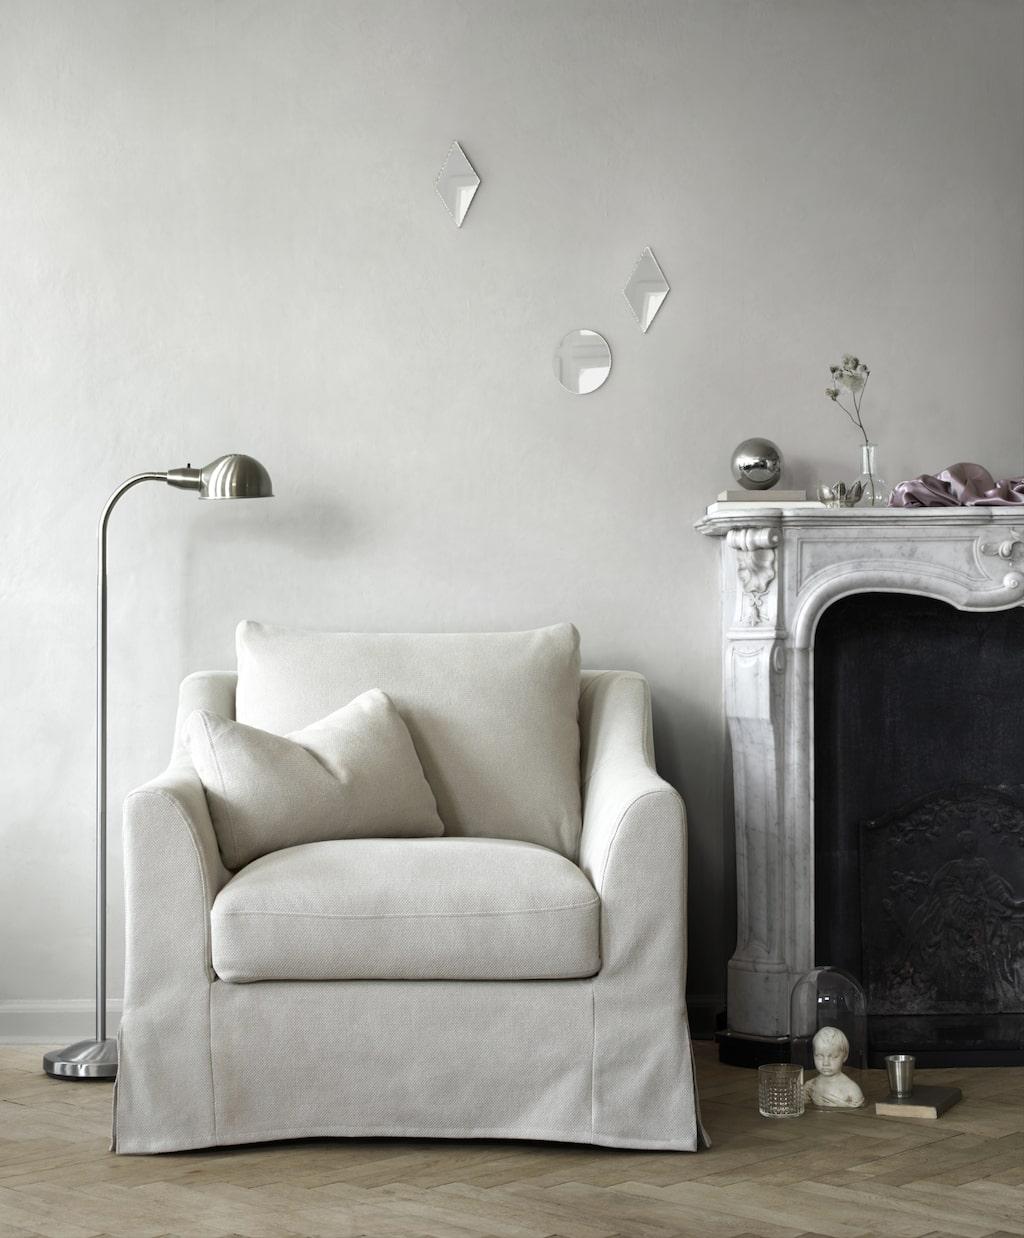 Färlöv soffserie kombinerar en traditionell look med förstklassig komfort. Soffan och fåtöljen har en tidlös design, generösa proportioner, pocketresårer och lösa kuddar. Till serien hör även en fotpall med smart förvaring. Finns med vit eller beige avtagbar klädsel som kan tvättas i maskin. Klädslarna är i garnfärgat tyg med naturliga inslag av lin som ger klädseln en krispig struktur som både syns och känns. Fåtölj 3495 kr. Fotpall med förvaring 1995 kr. 3-sitssoffa 5995 kr.